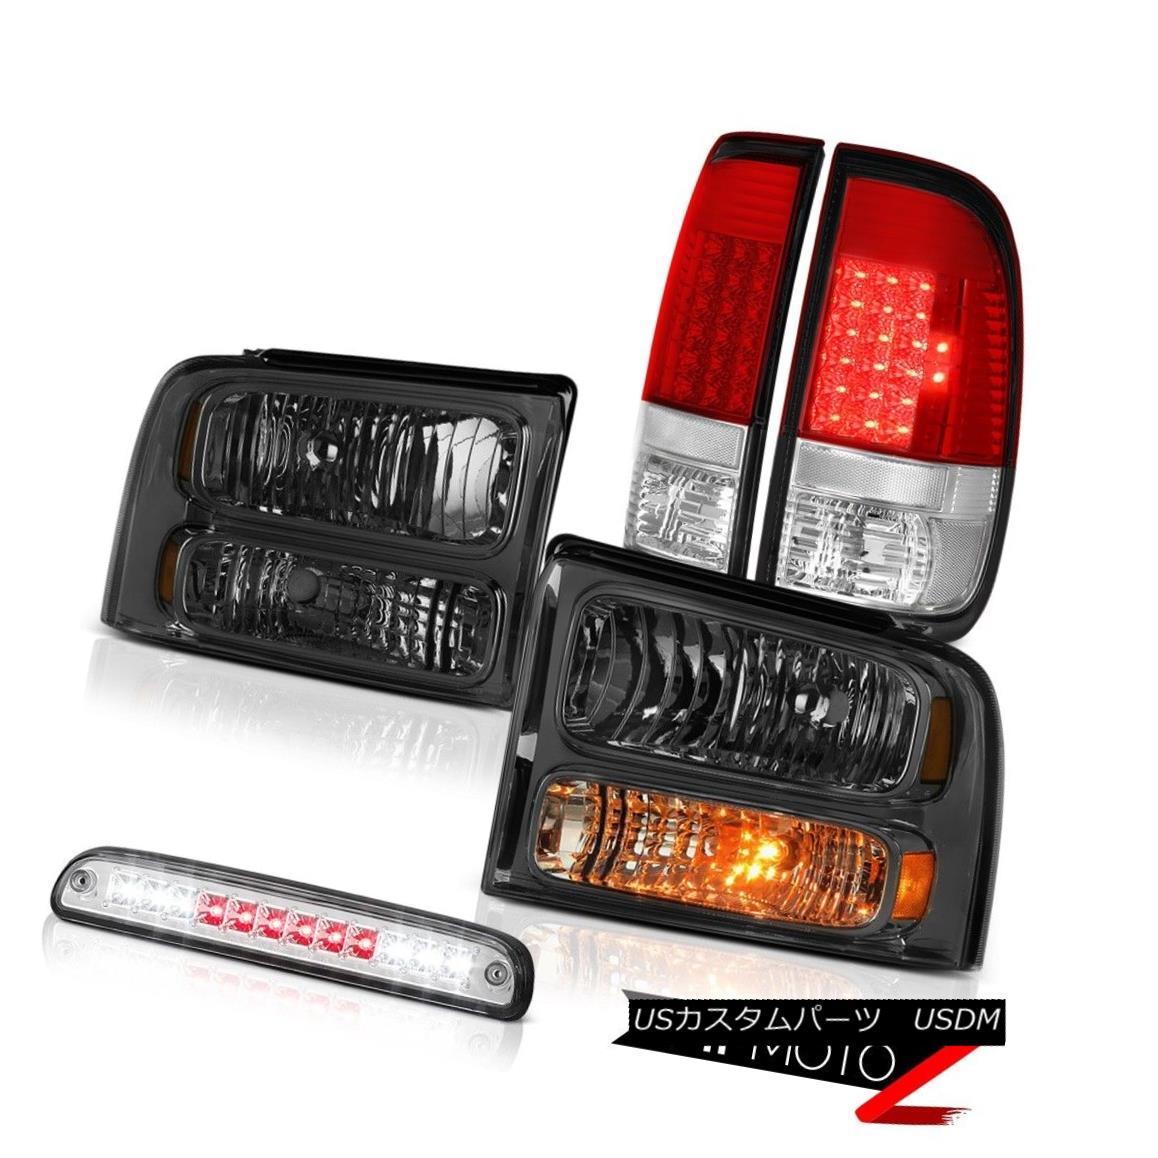 ヘッドライト 05-07 F350 King Ranch PAIR Smoke Headlights Brake Lamps Taillights Roof Stop LED 05-07 F350 King Ranch PAIRスモークヘッドライトブレーキランプテールライトルーフストップLED